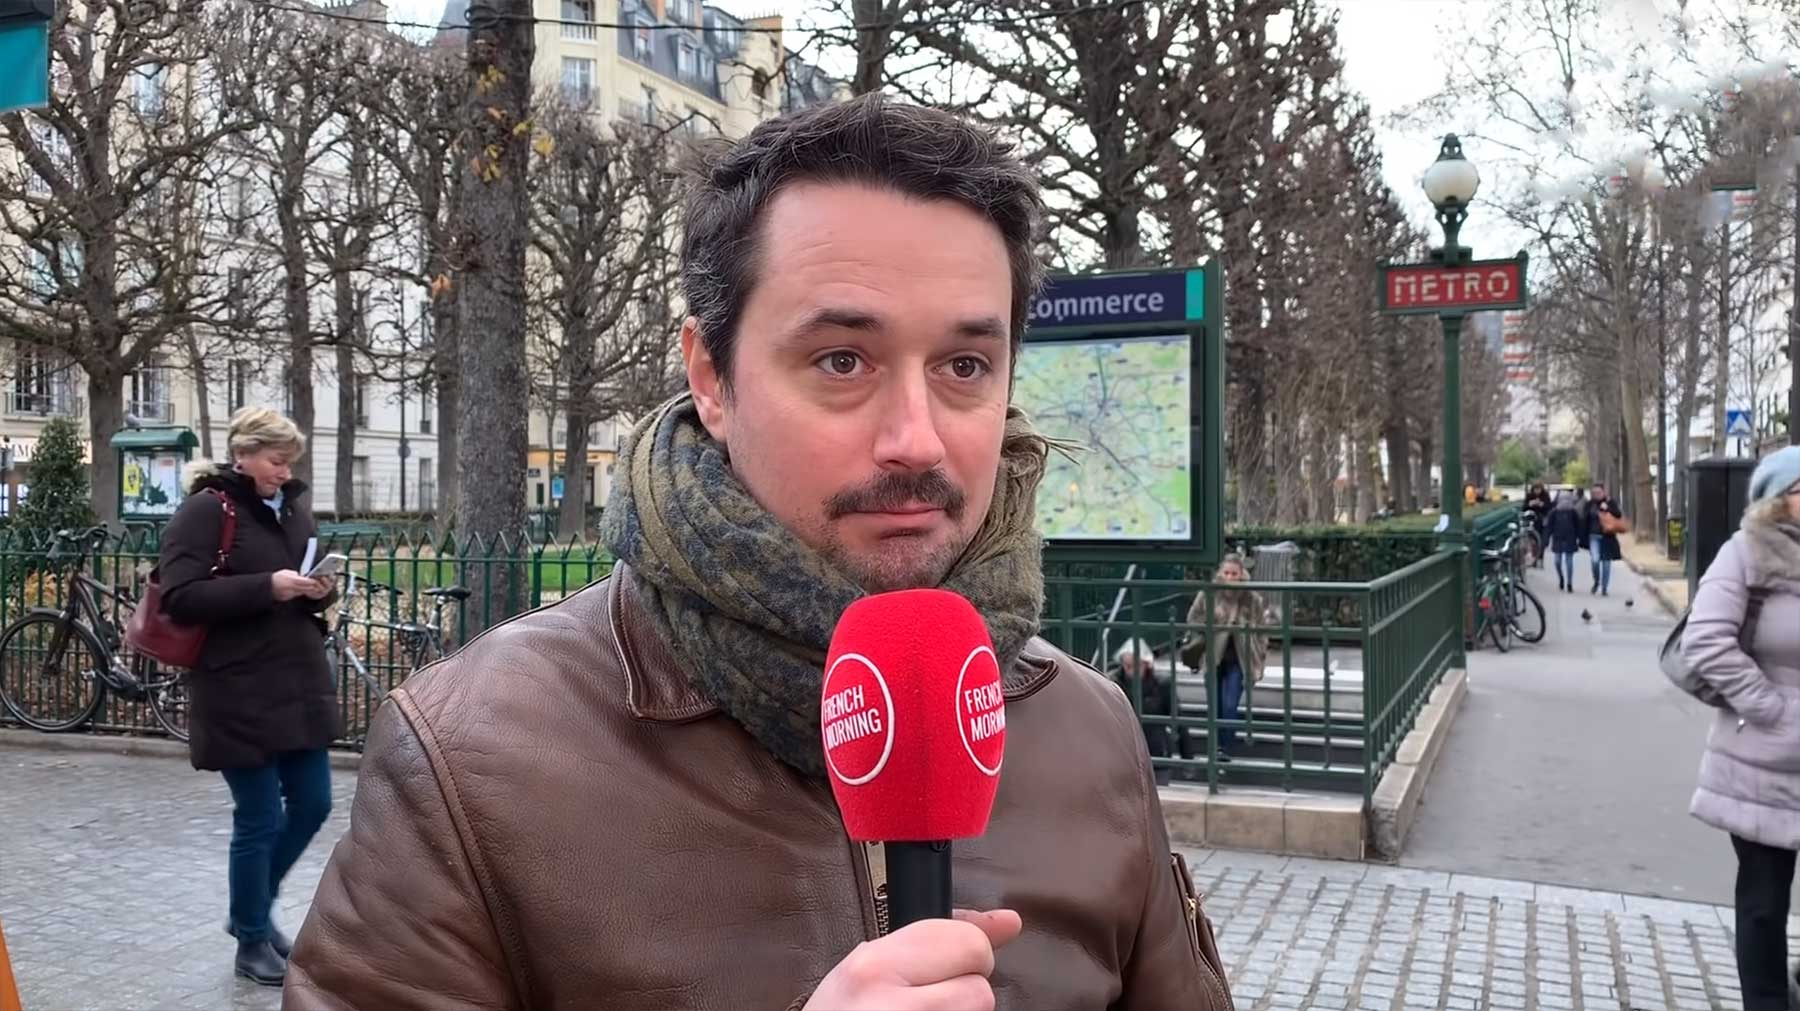 Franzosen versuchen, kuriose englische Begriffe auszusprochen franzosen-sprechen-englisch